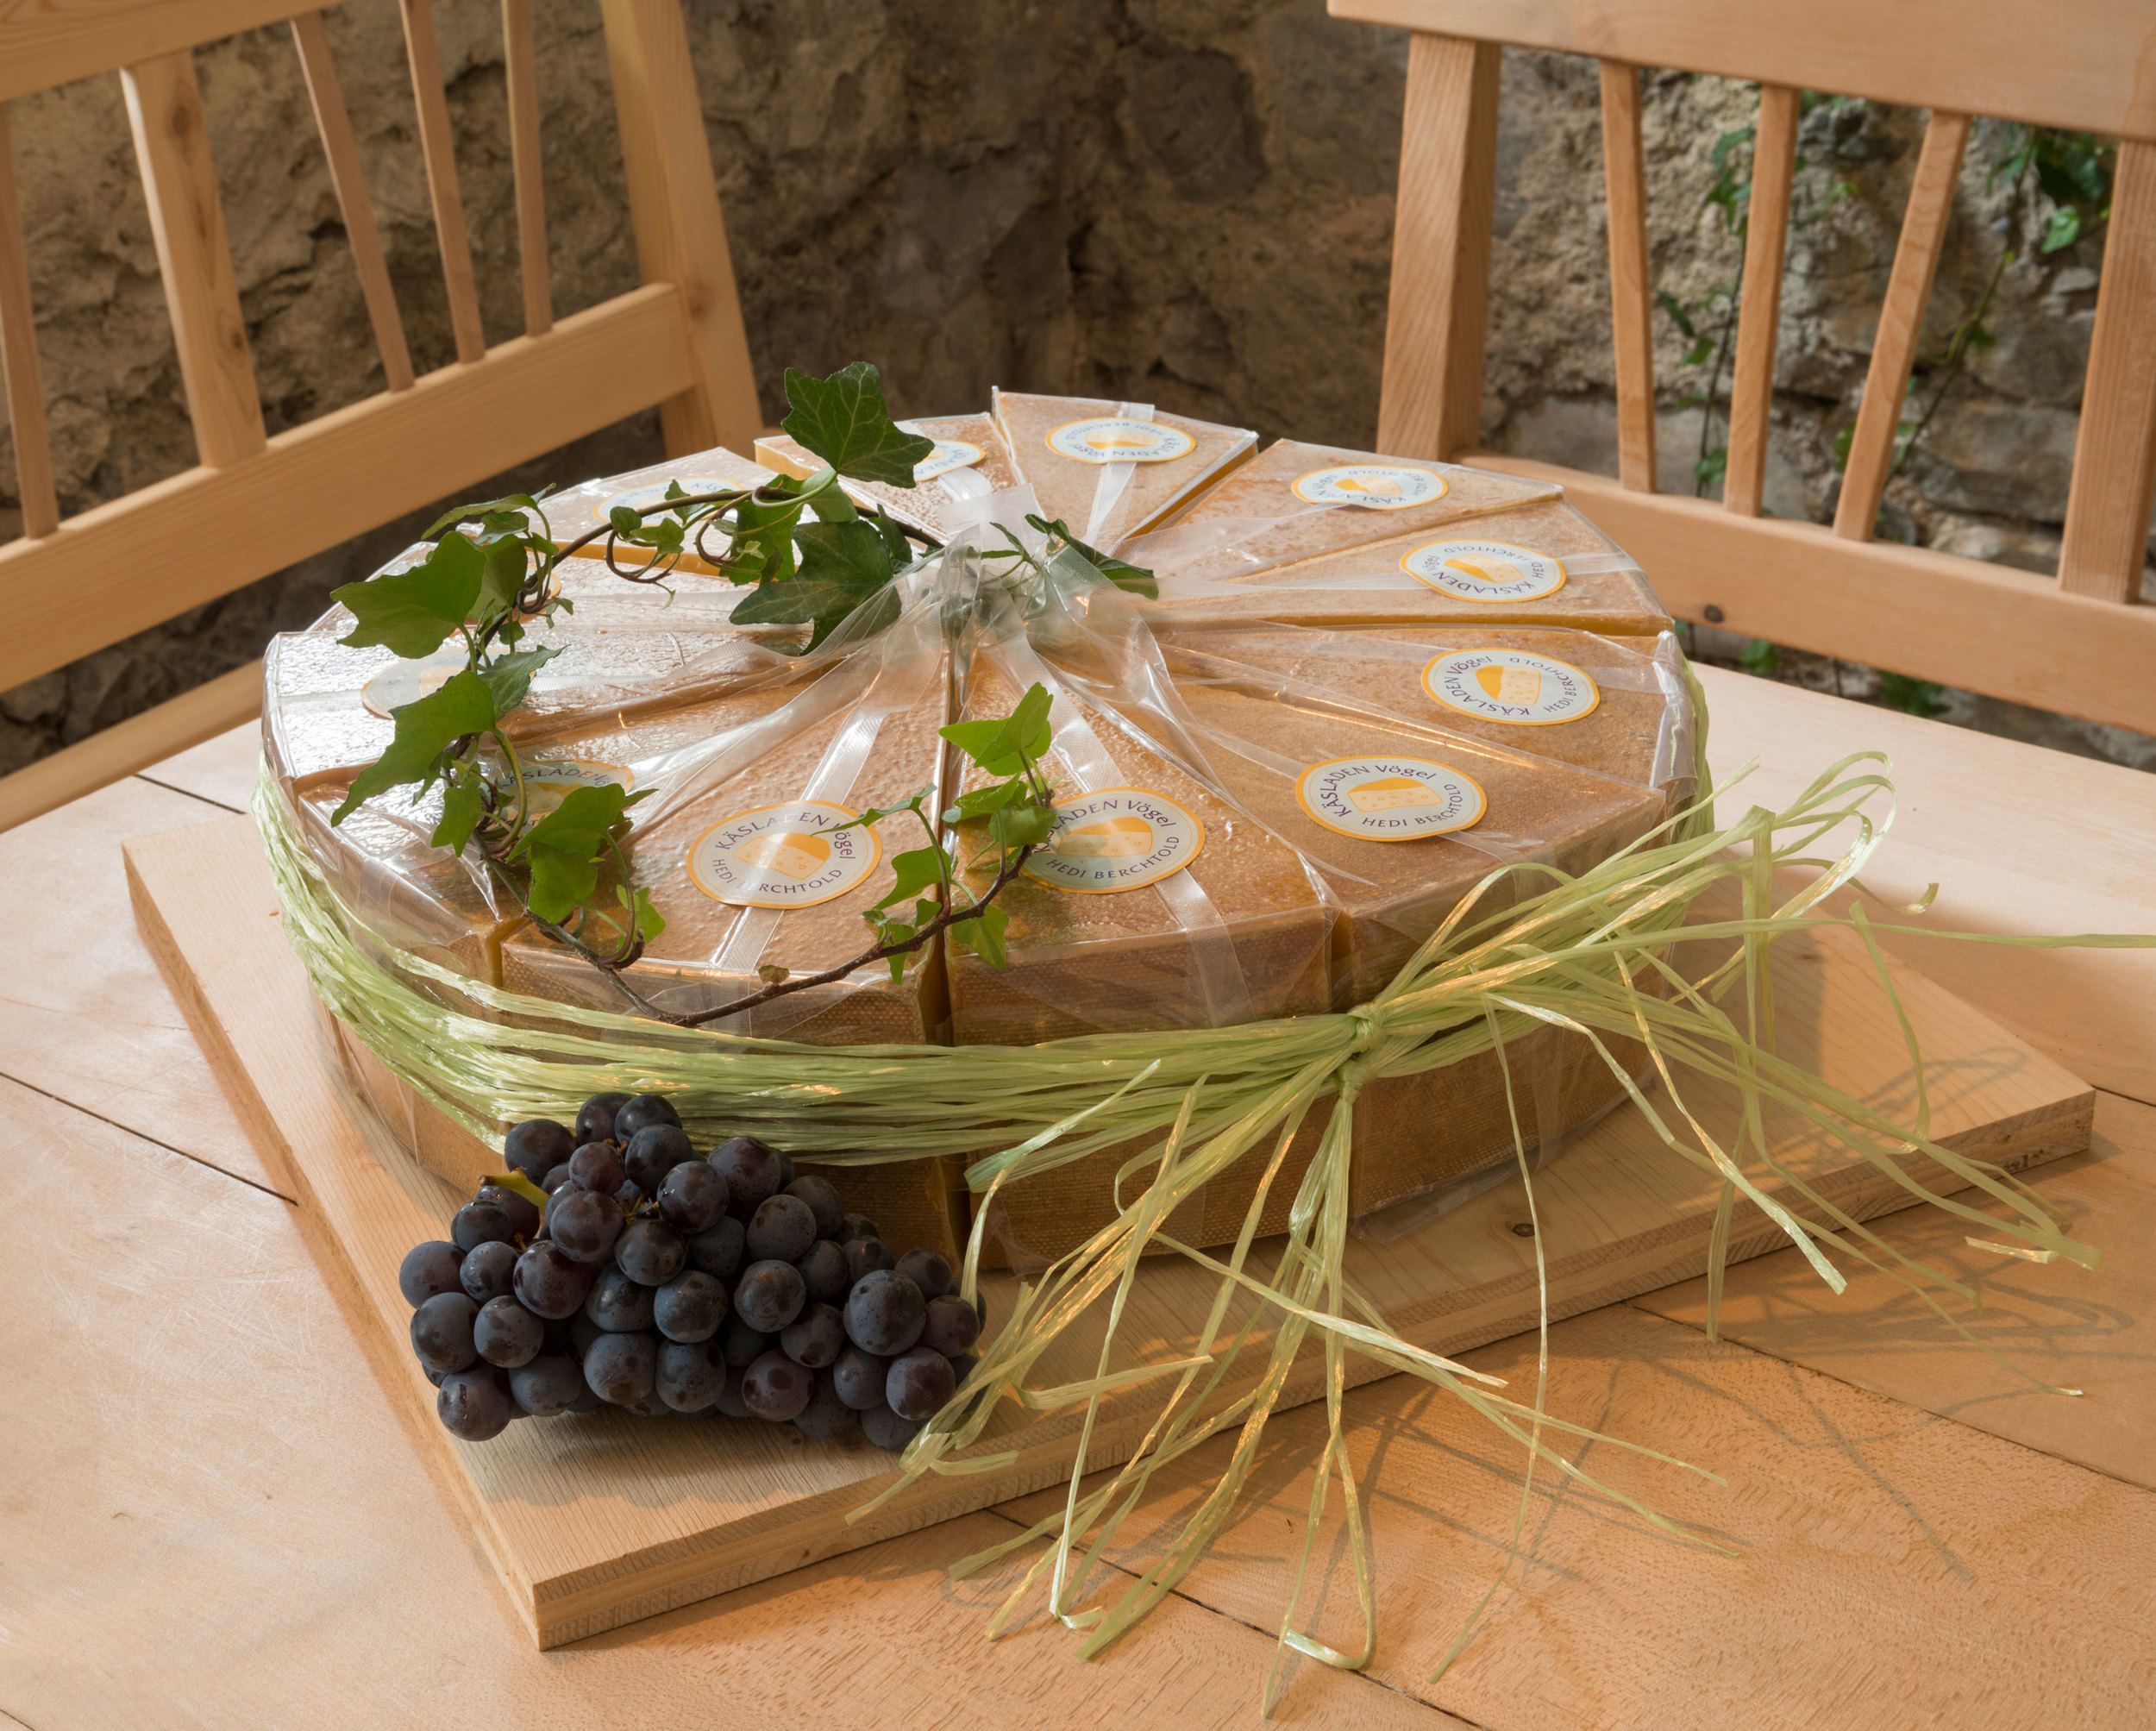 Ein ganzer Käselaib in einige Stück geschnitten –jedes für sich vakuumverpackt – und wieder in die runde Ursprungsform gebracht.Das perfekte Geschenk!